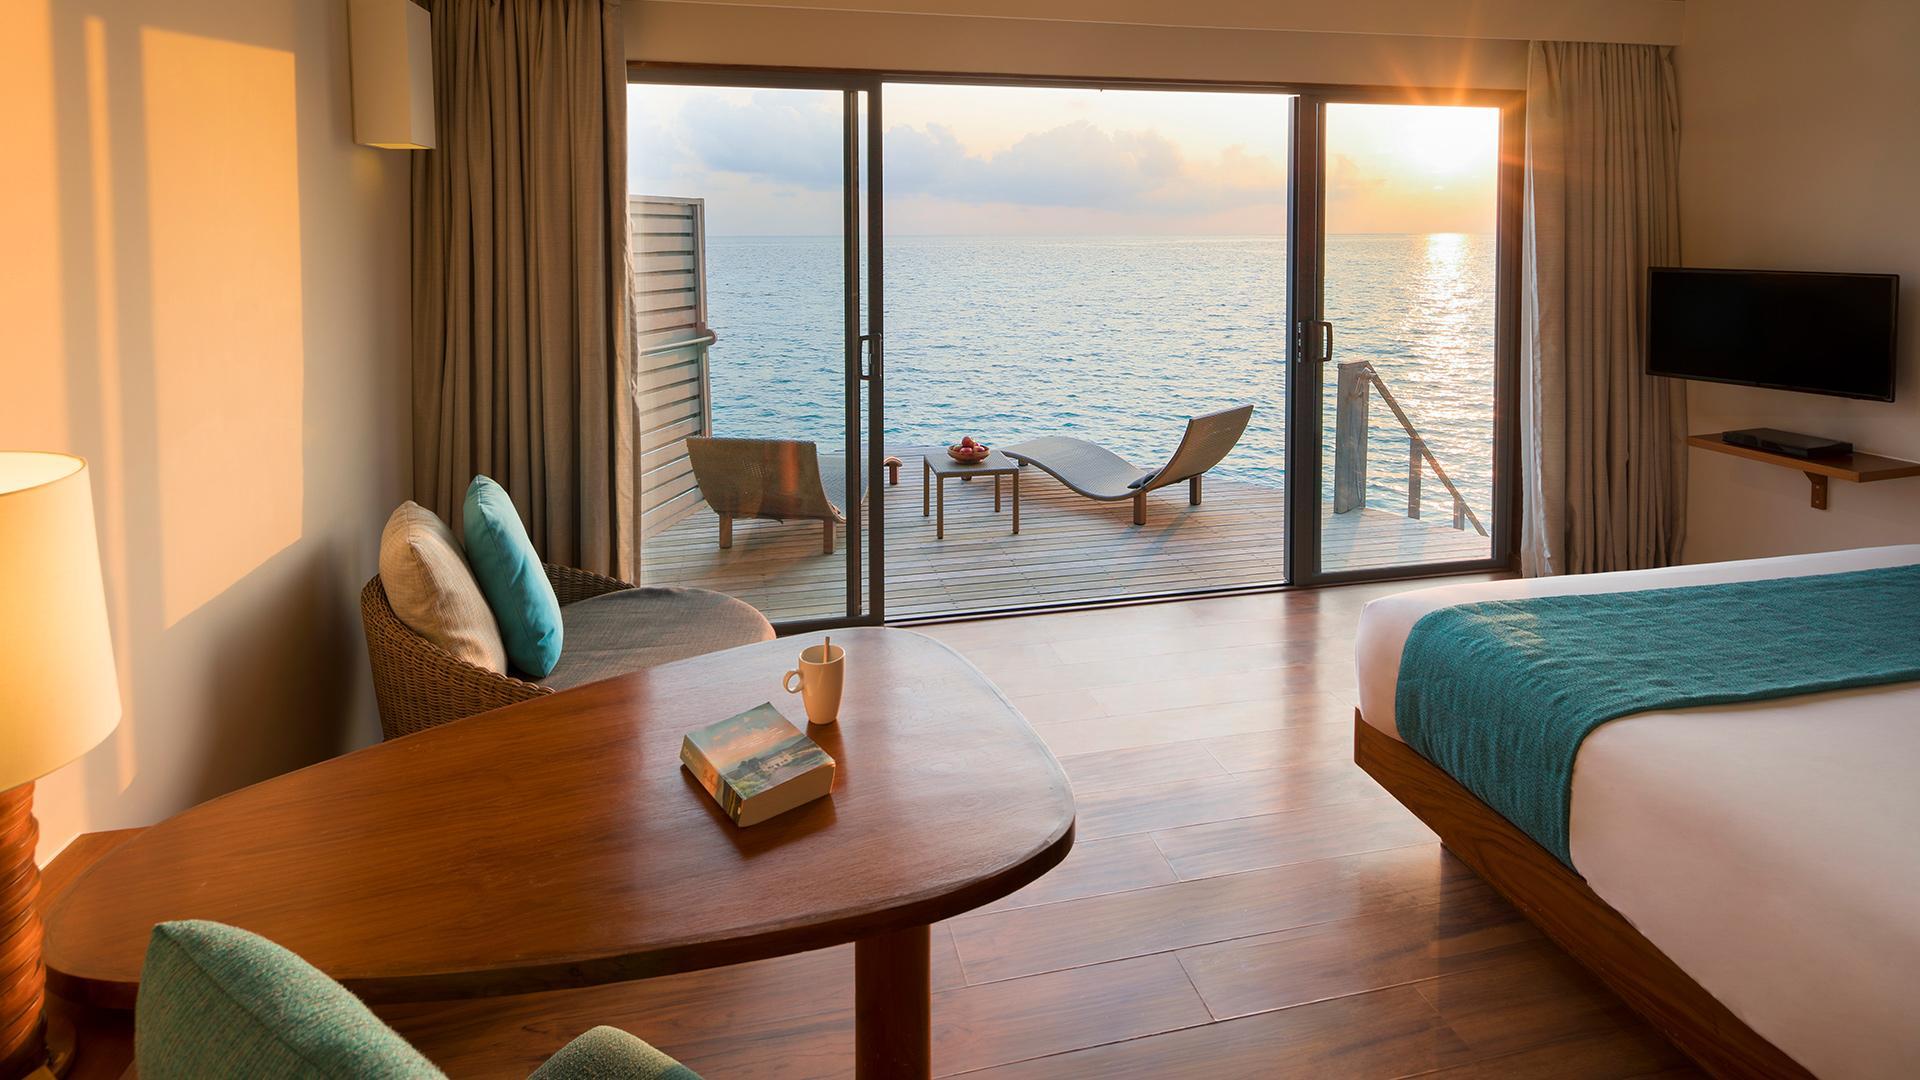 Deluxe Sunset Water Villa image 1 at Centara Ras Fushi Resort & Spa Maldives by Kaafu Atoll, null, Maldives